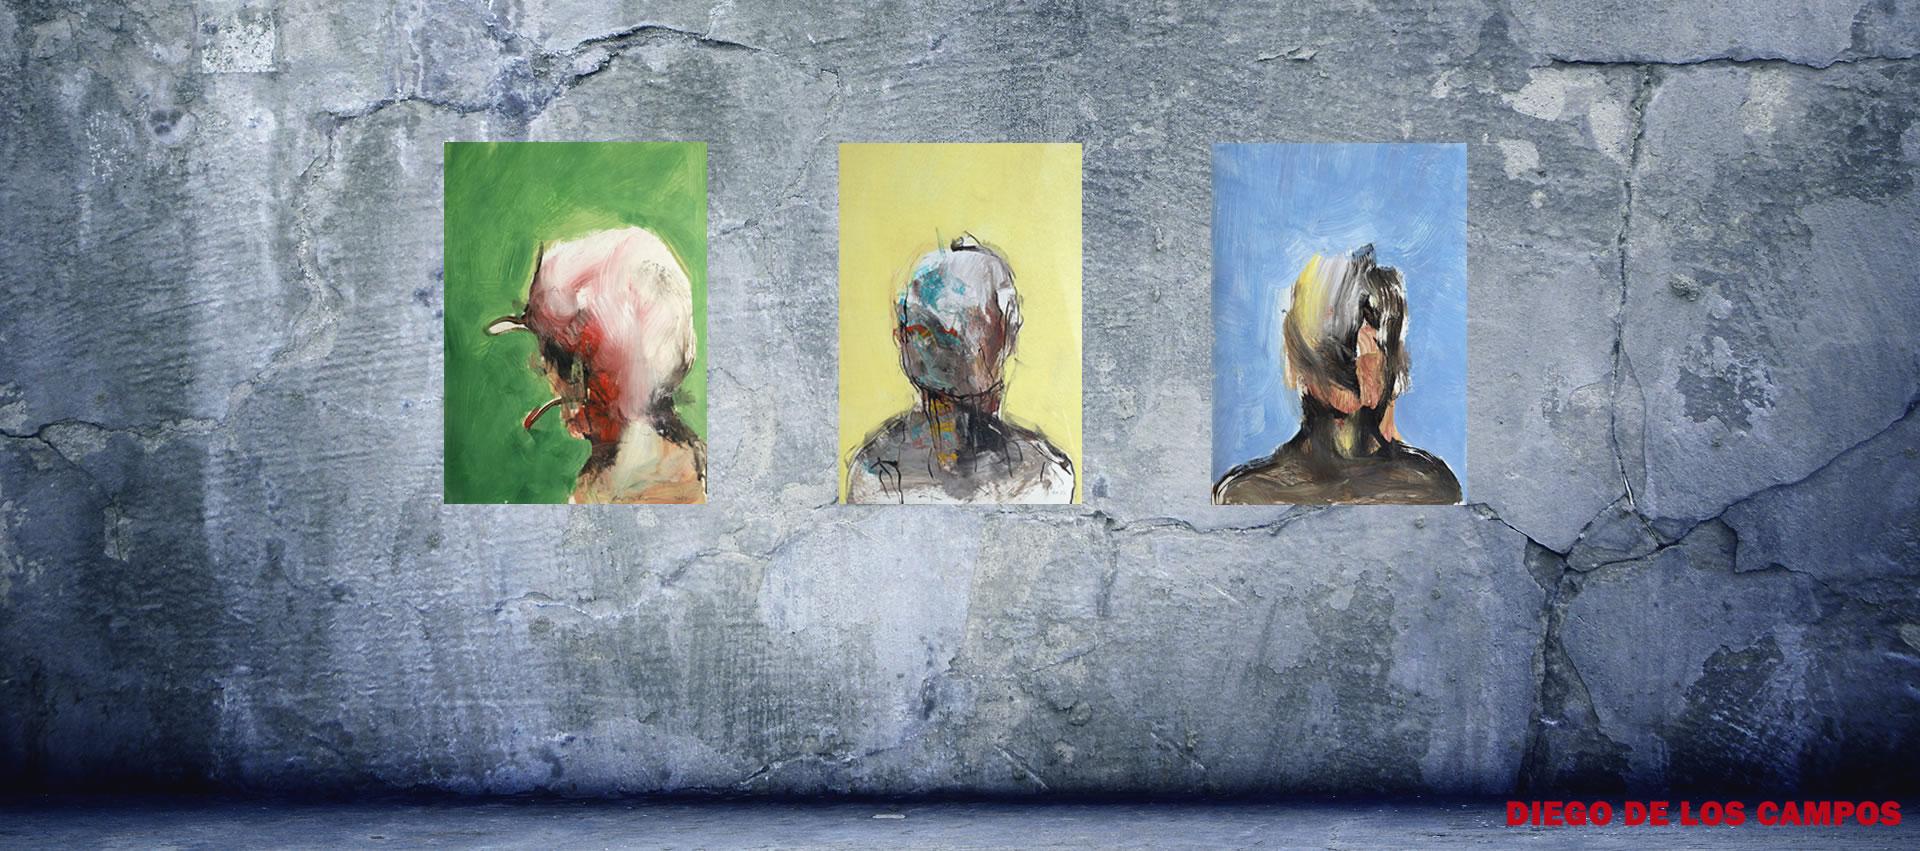 Coleção do artista uruguaio Diego de Los Campos